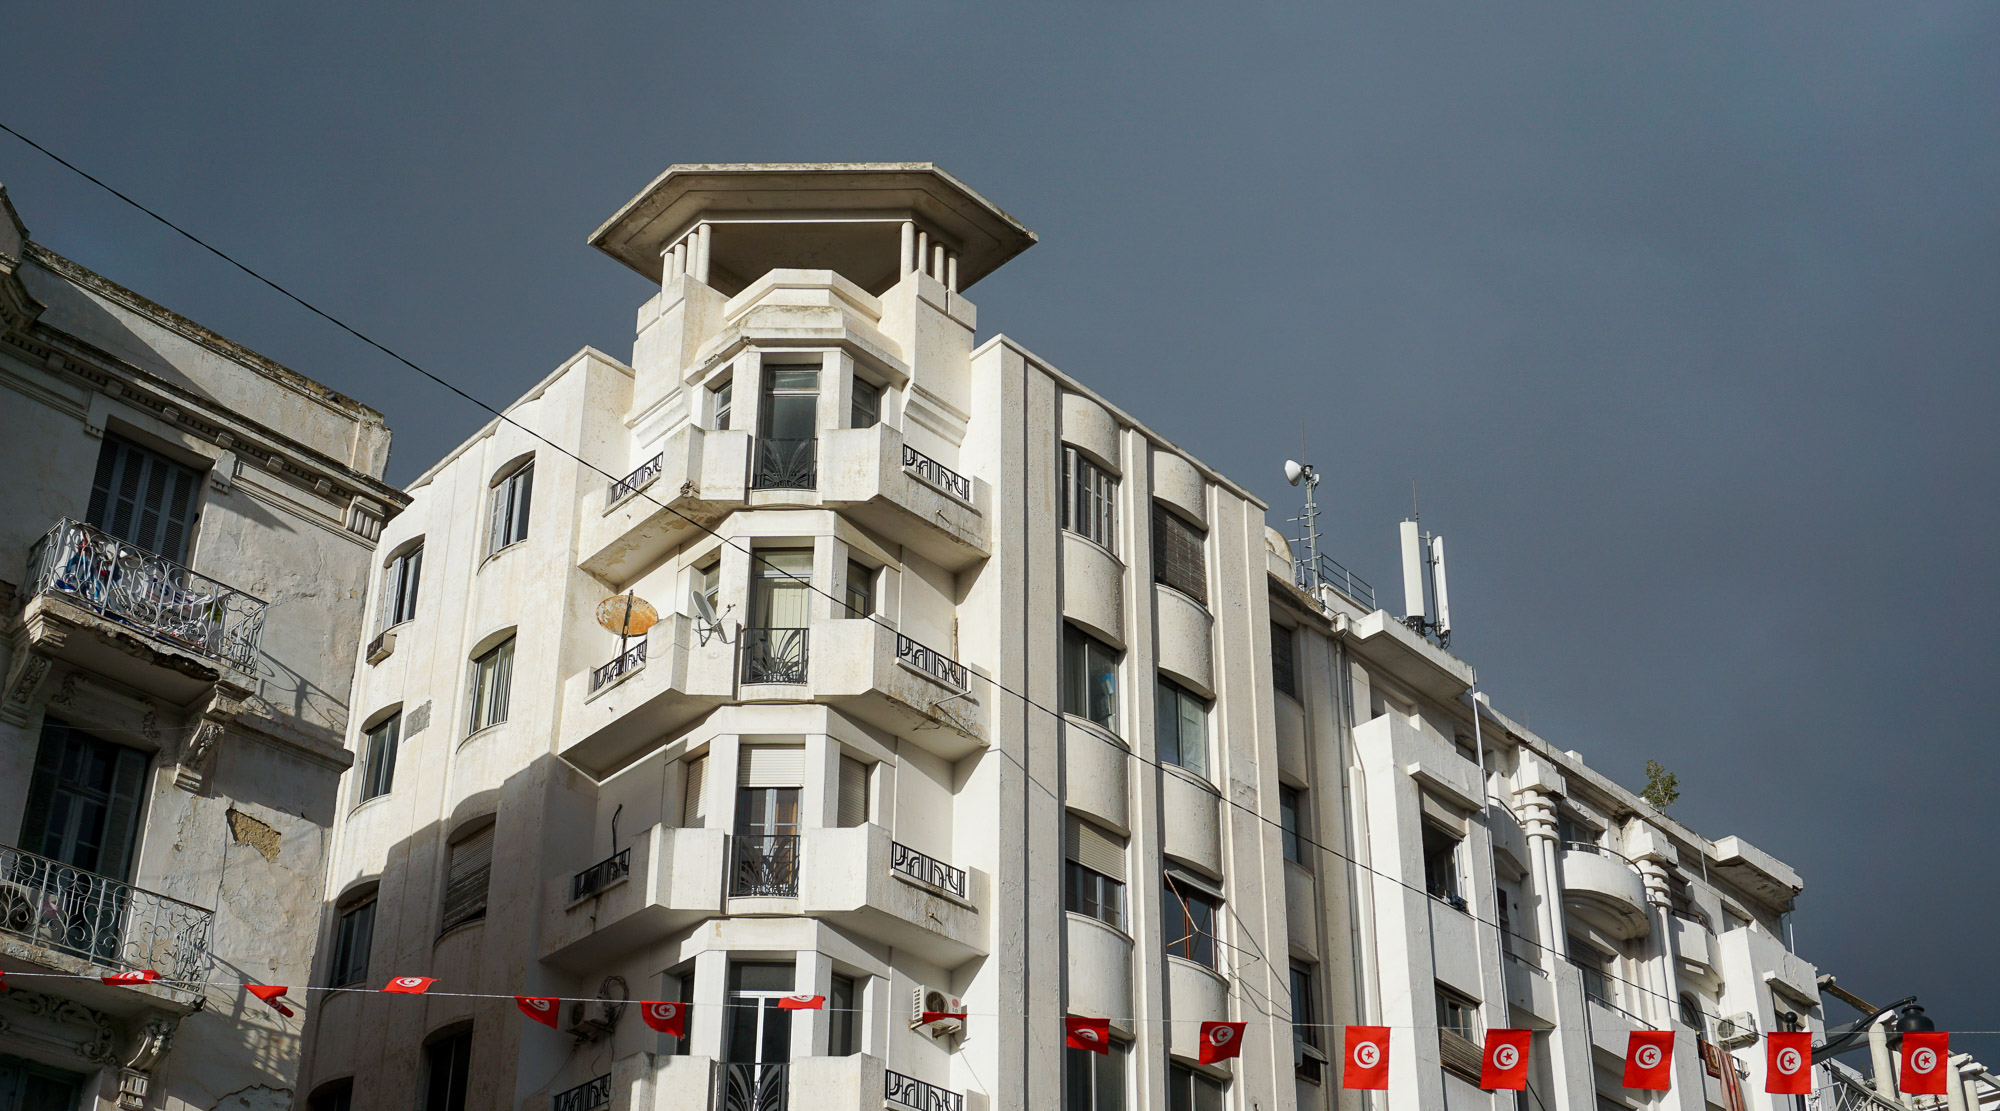 Art-Deco-Hausgiebel mit aufgesetzem eckigem Türmchen